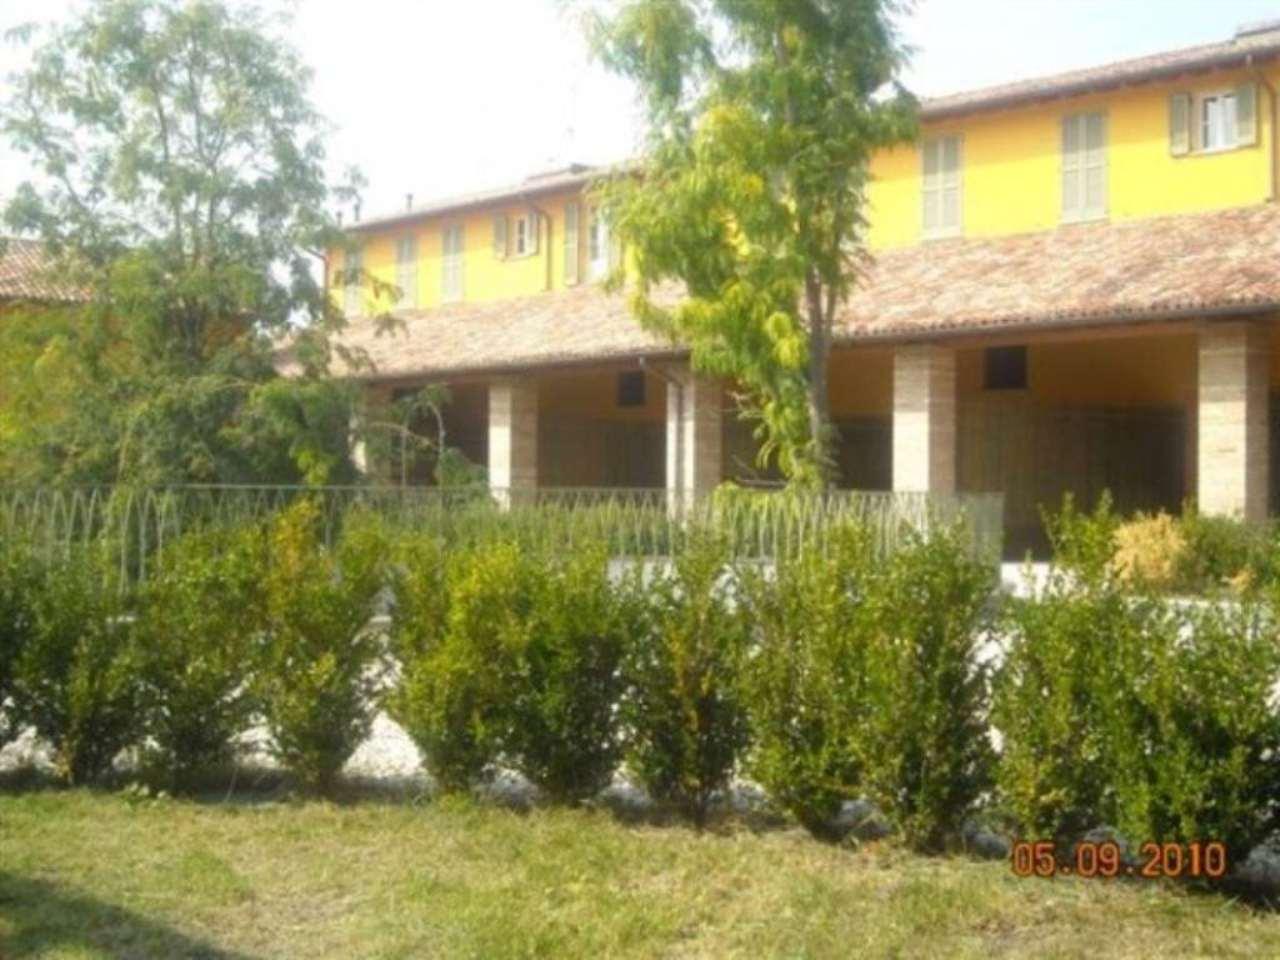 Rustico / Casale in vendita a Lodi, 4 locali, prezzo € 180.000 | Cambio Casa.it